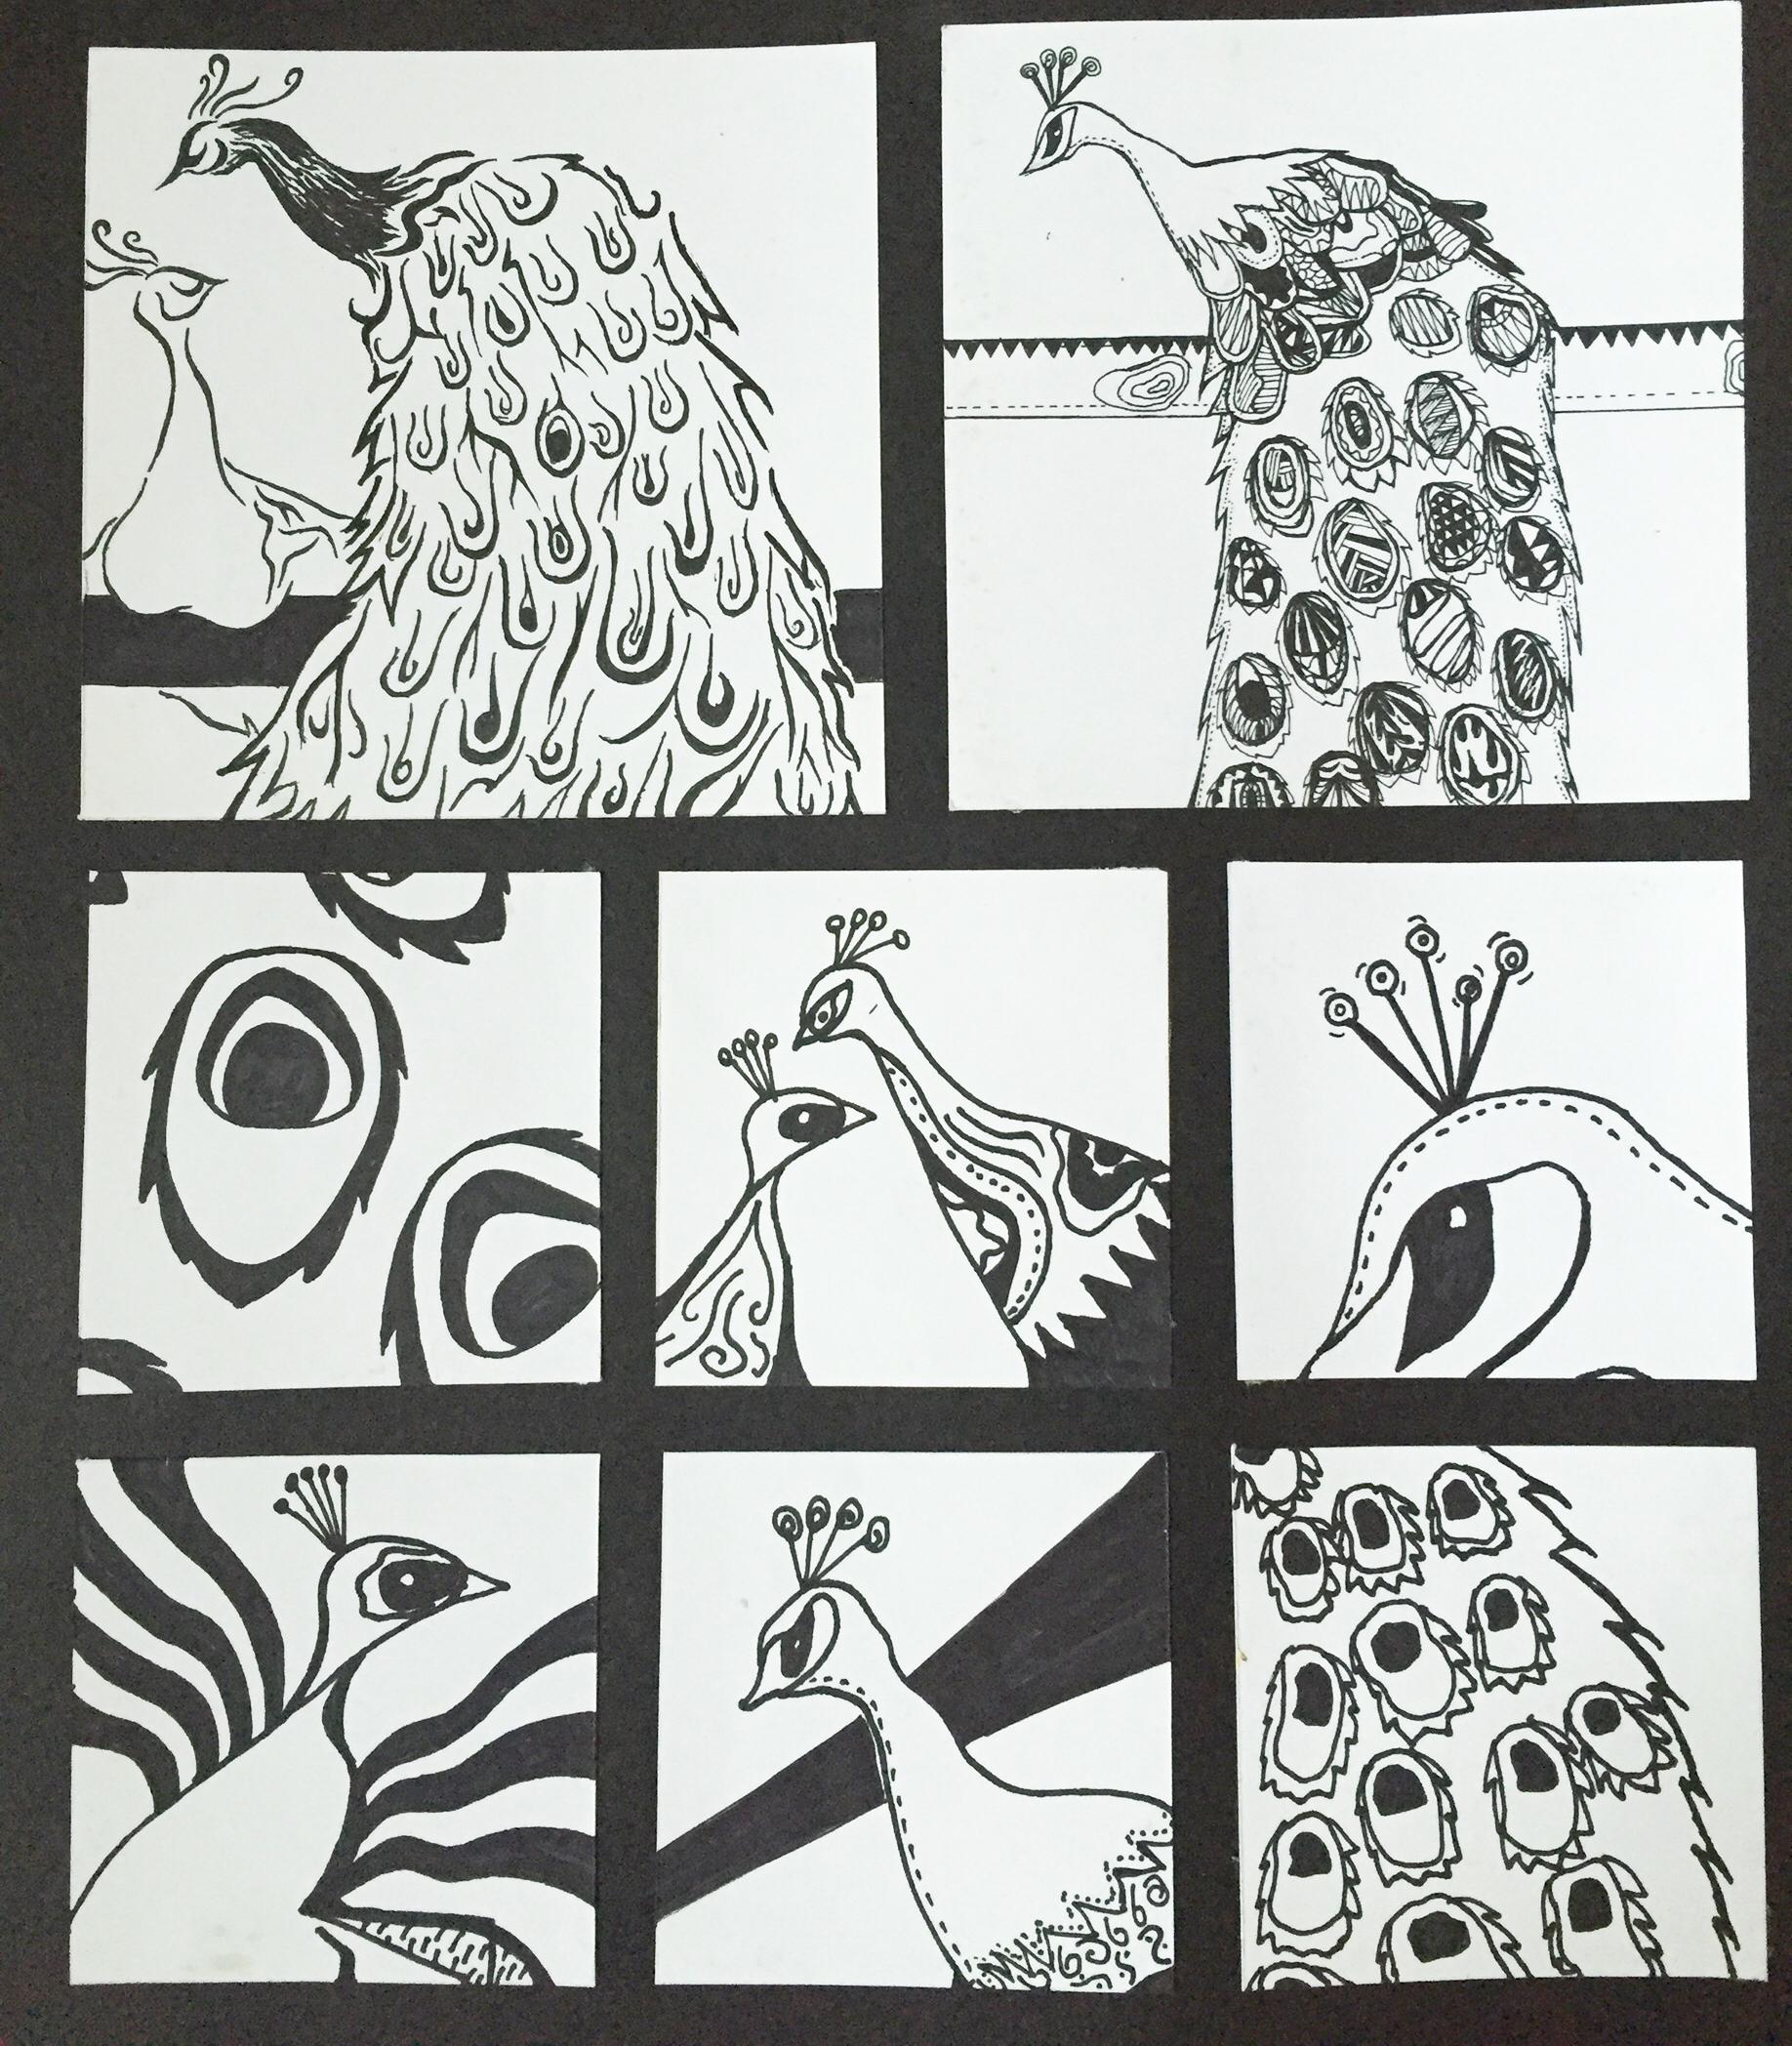 黑白画 纯艺术 钢笔画 陈爽琪 - 原创作品 - 站酷图片